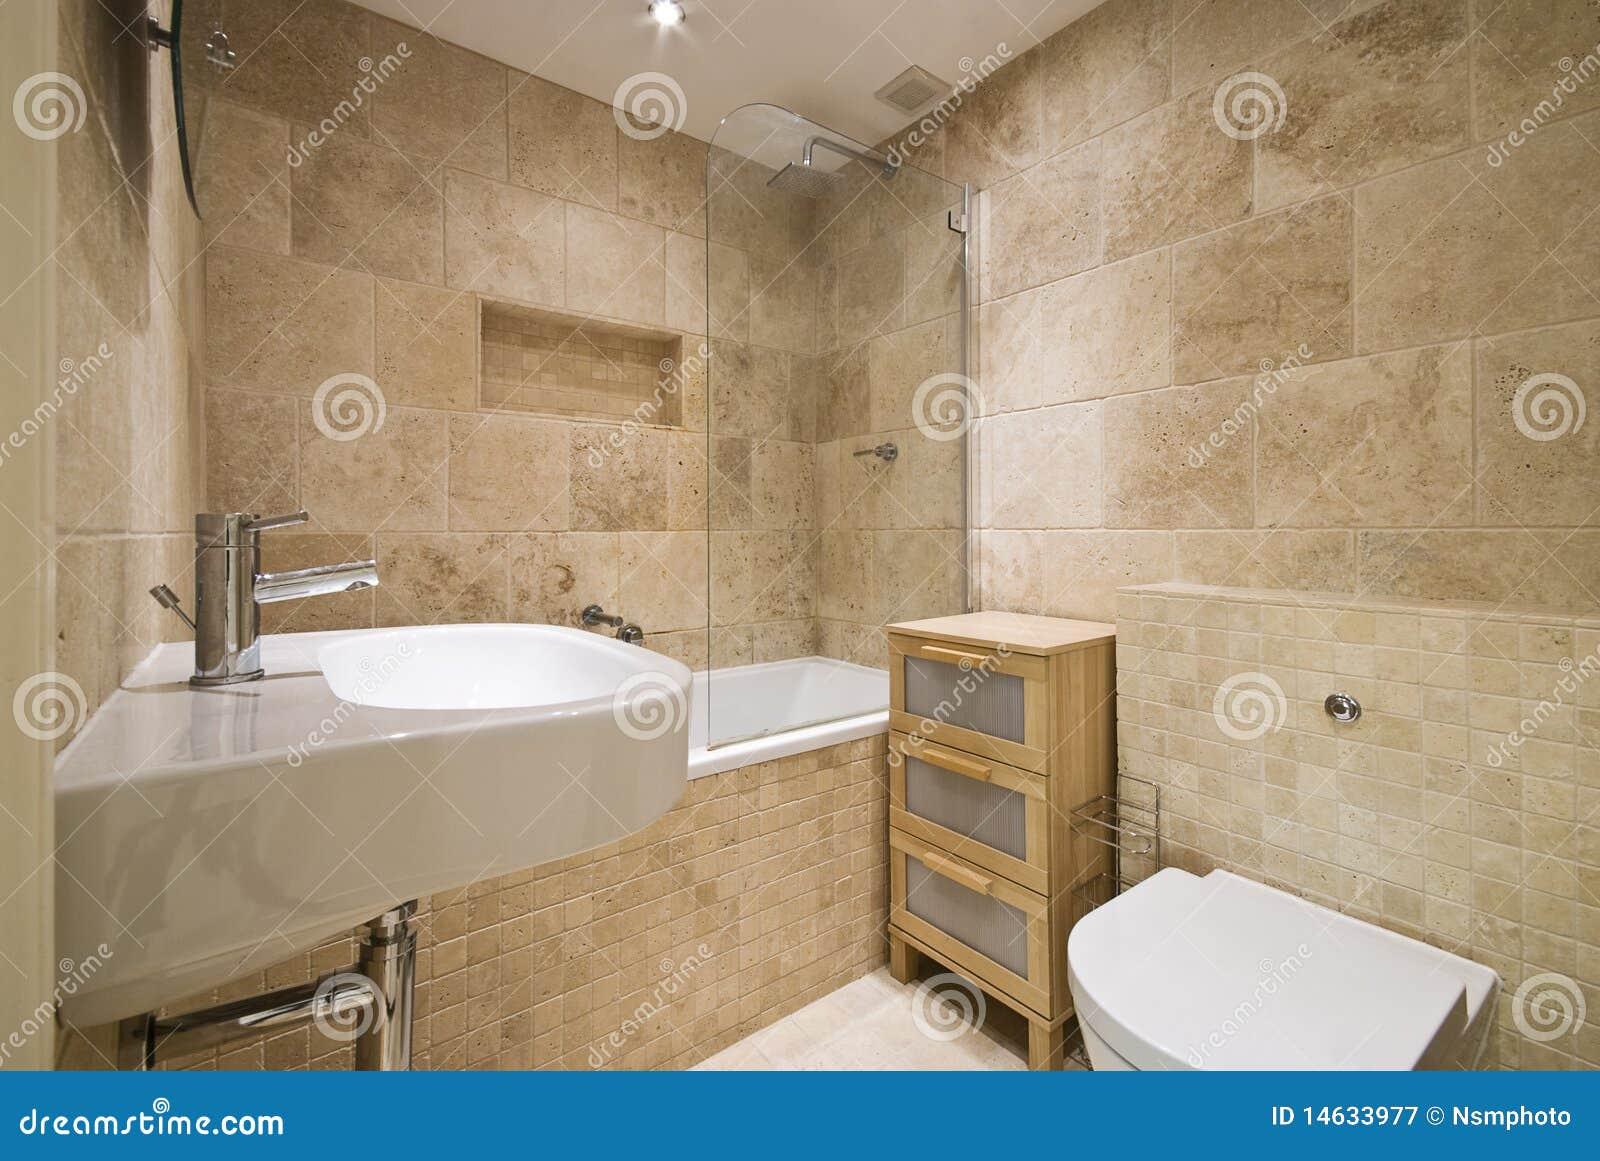 salle de bains de luxe moderne avec les murs lapids normaux photographie stock libre de droits - Salle De Bain Moderne De Luxe